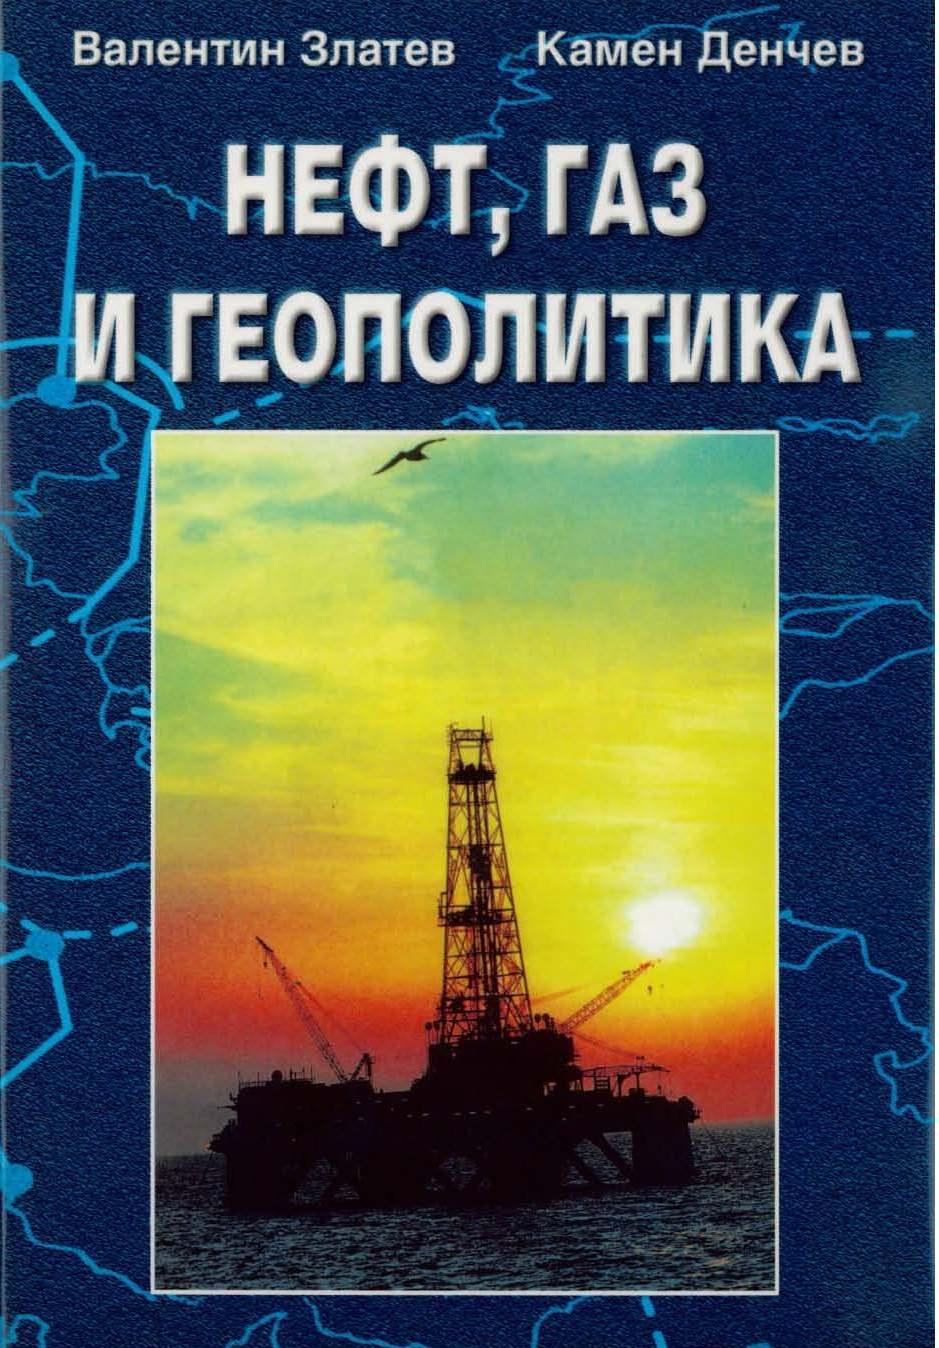 Нефт, газ и геополитика. Каспийския и Балканския геополитически възли